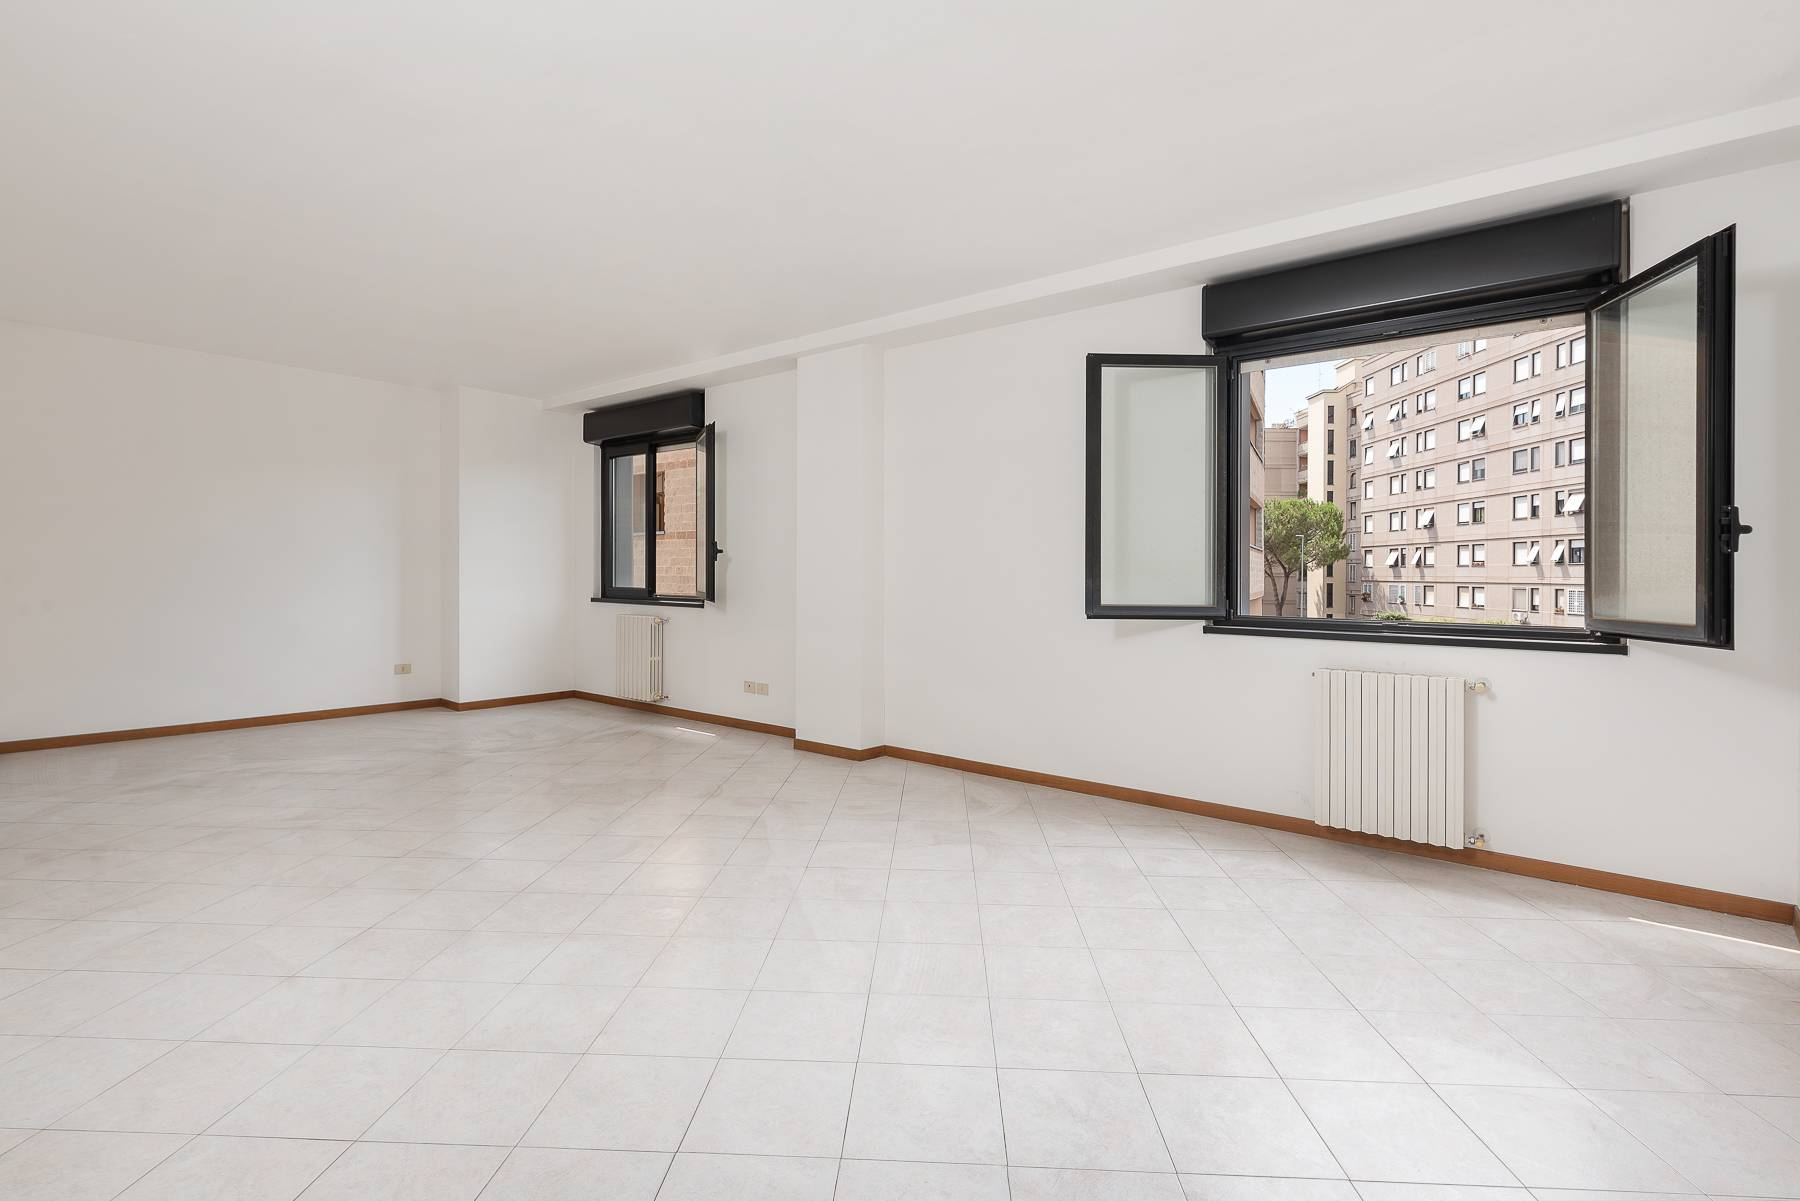 Appartamento in Vendita a Roma: 3 locali, 101 mq - Foto 2